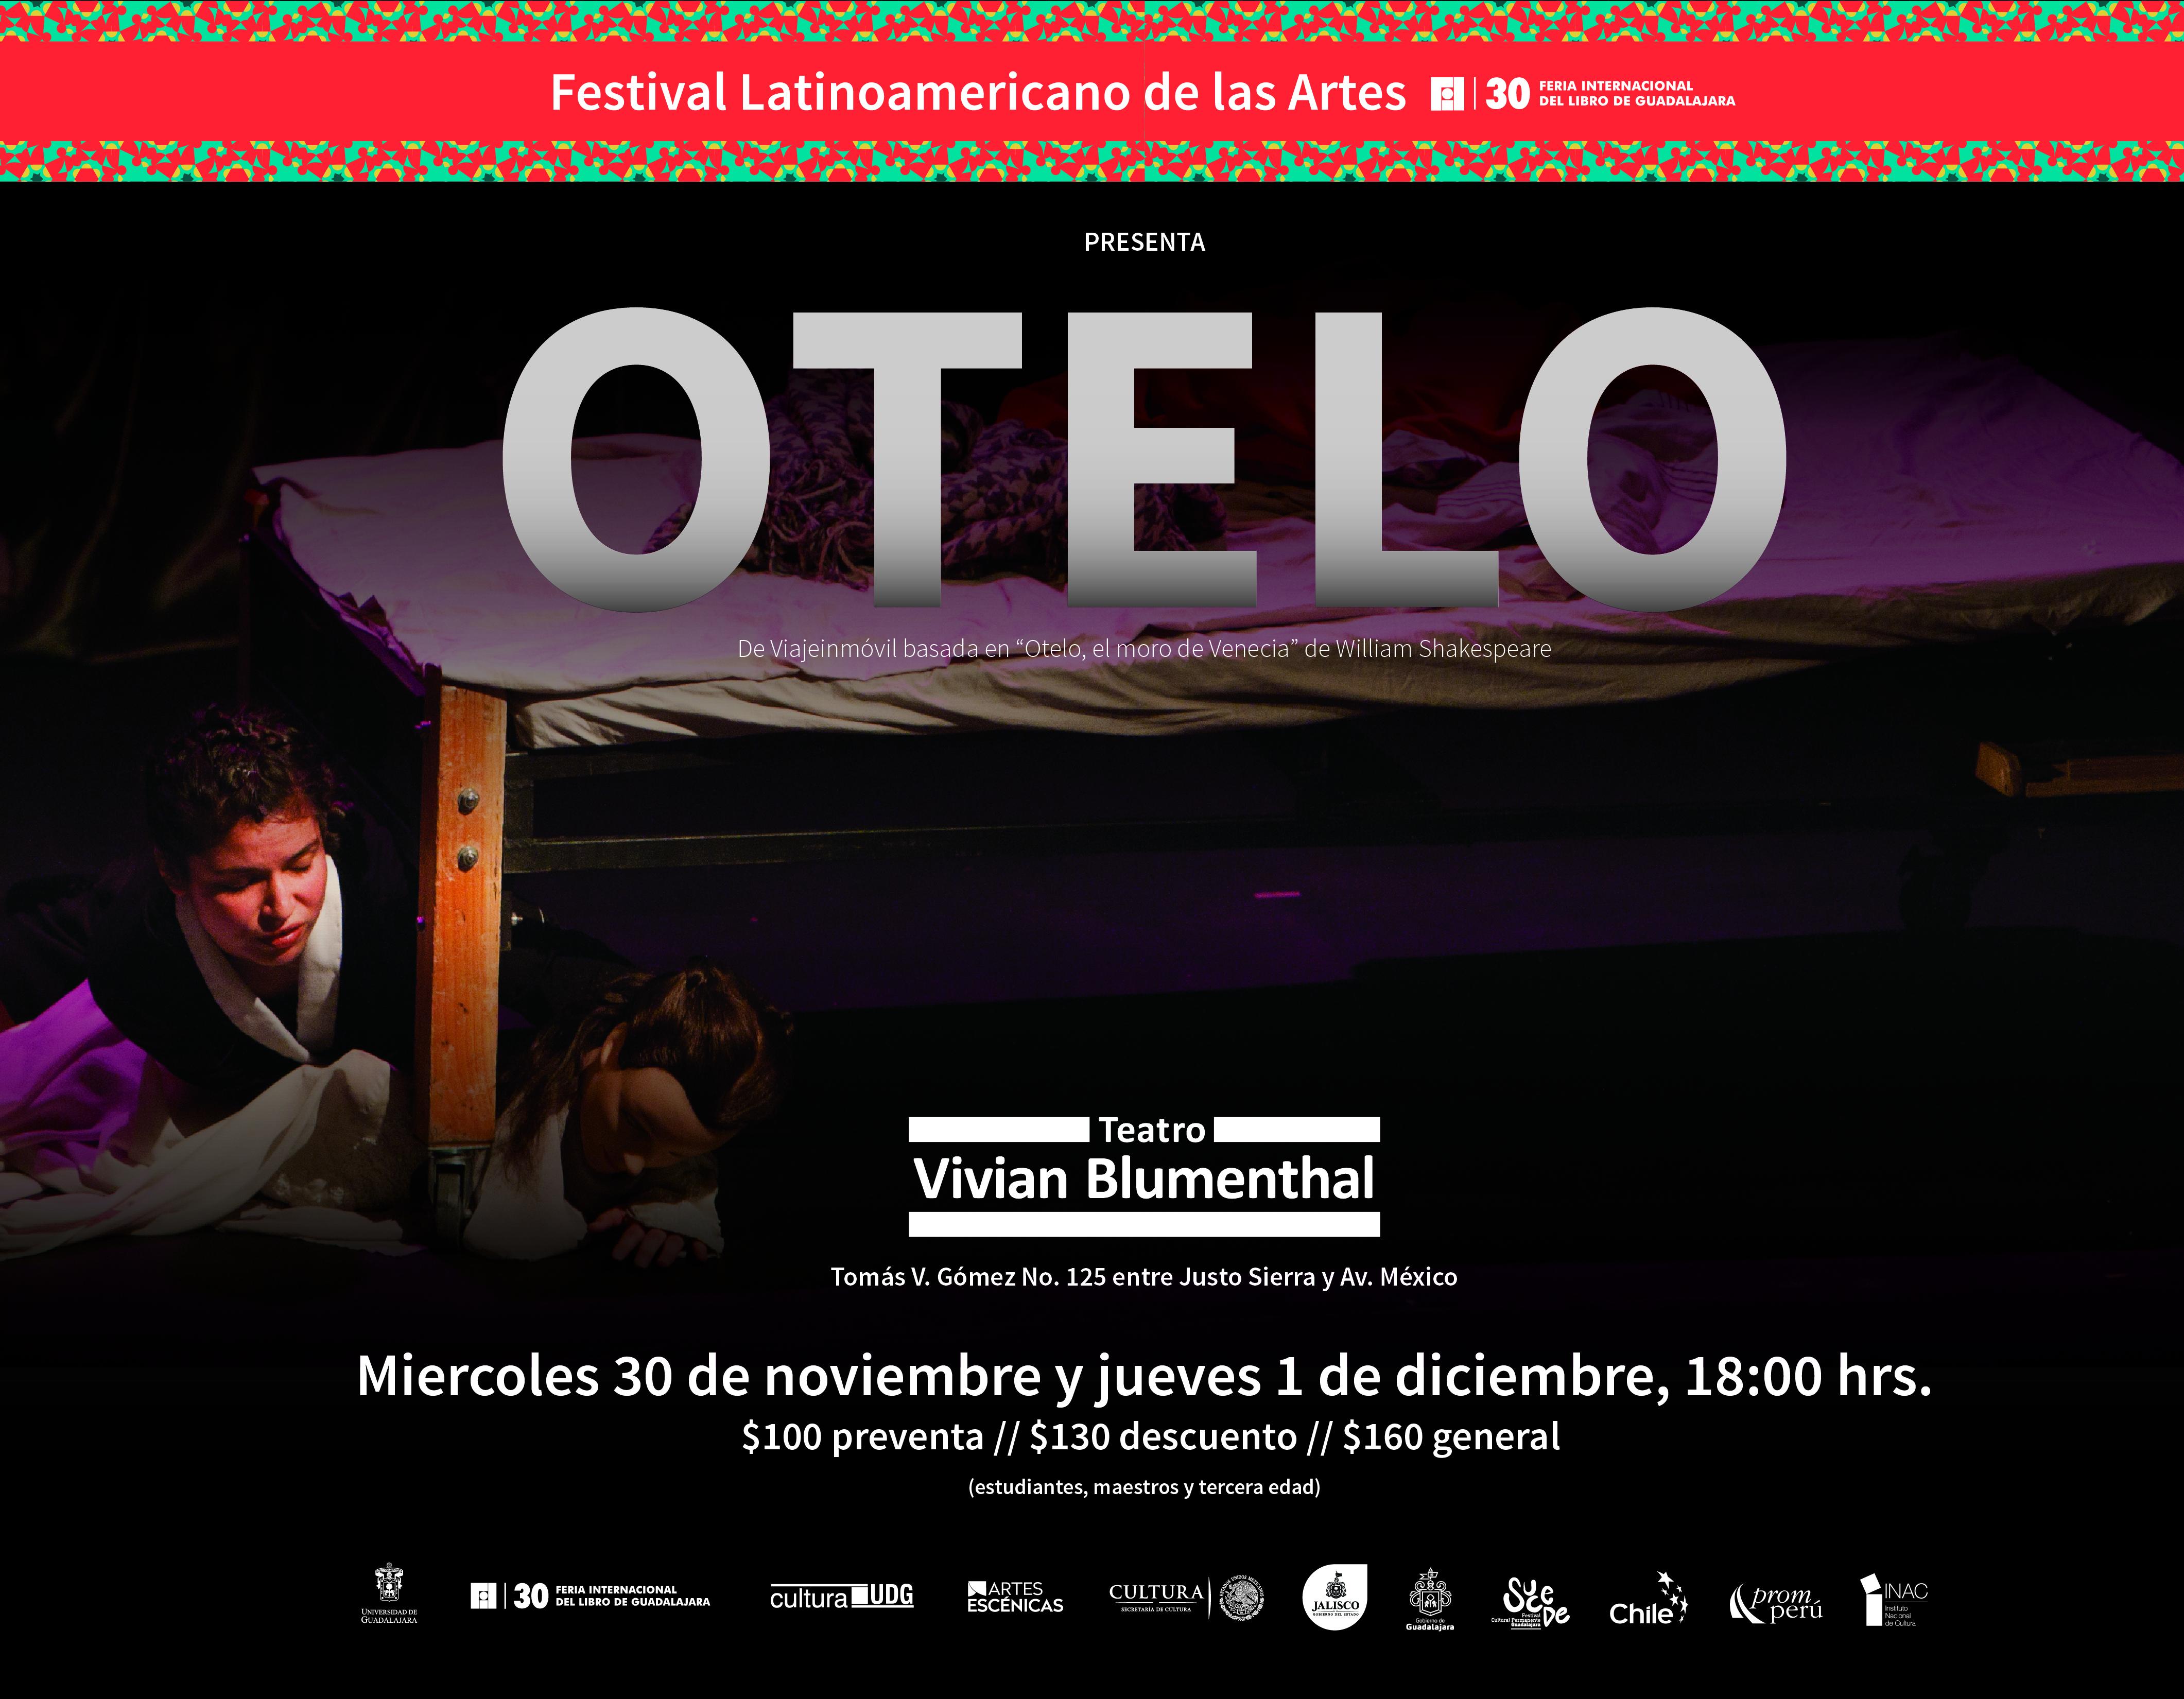 Cartel con texto del evento e imagen de puesta en escena: Otelo